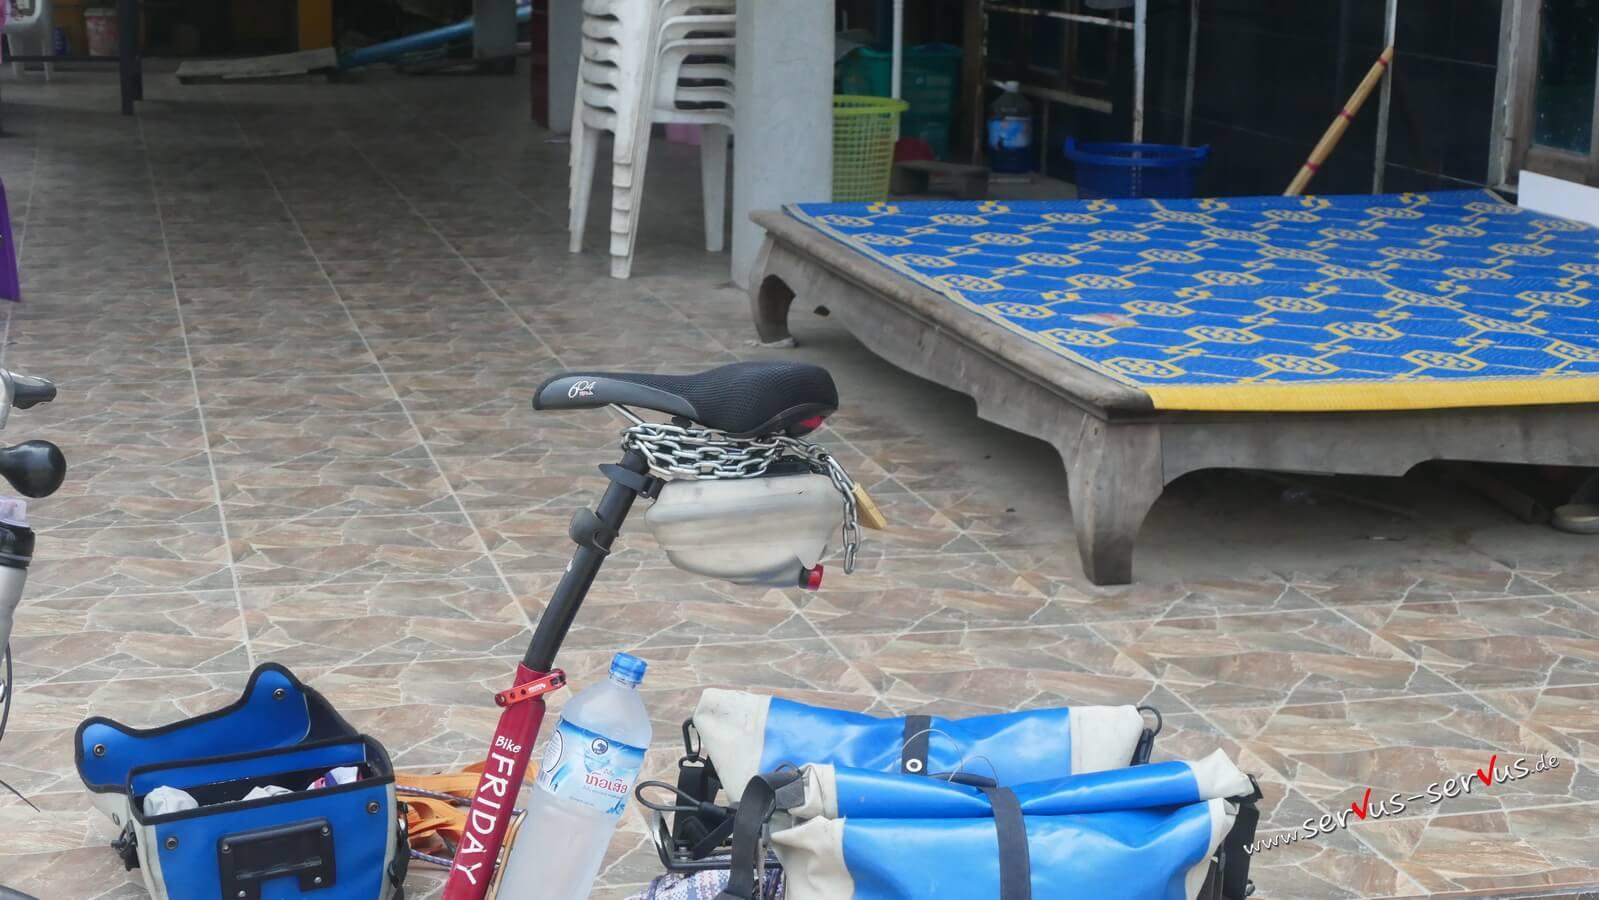 Fahrradsattel, verbogenen Sattelstütze